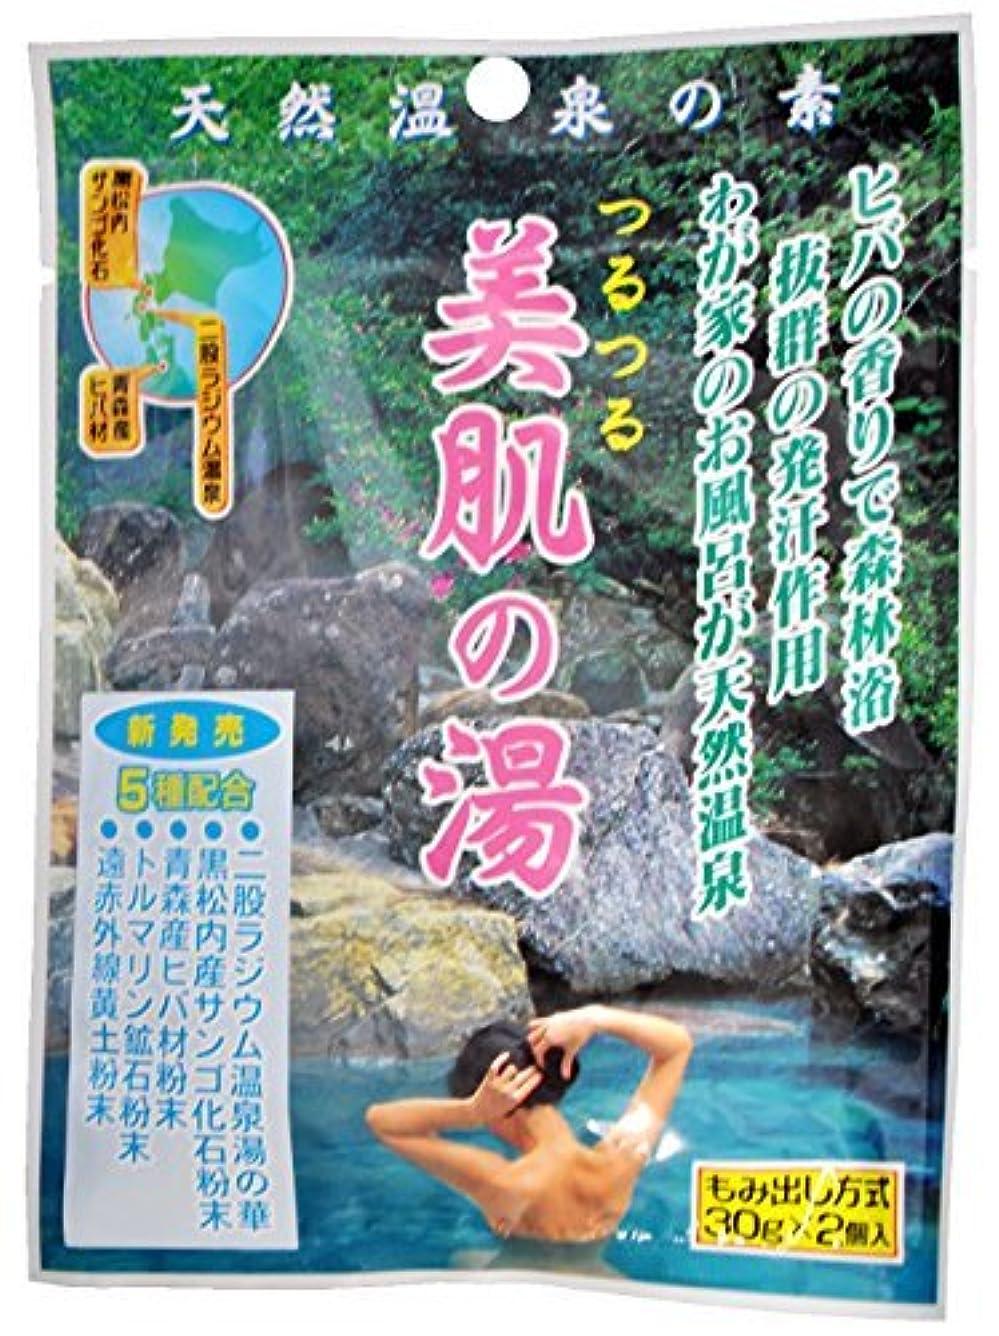 襟グリップオン【まとめ買い】天然成分入浴剤 つるつる 美肌の湯 2袋入 二股ラジウム温泉の湯の華 ×15個